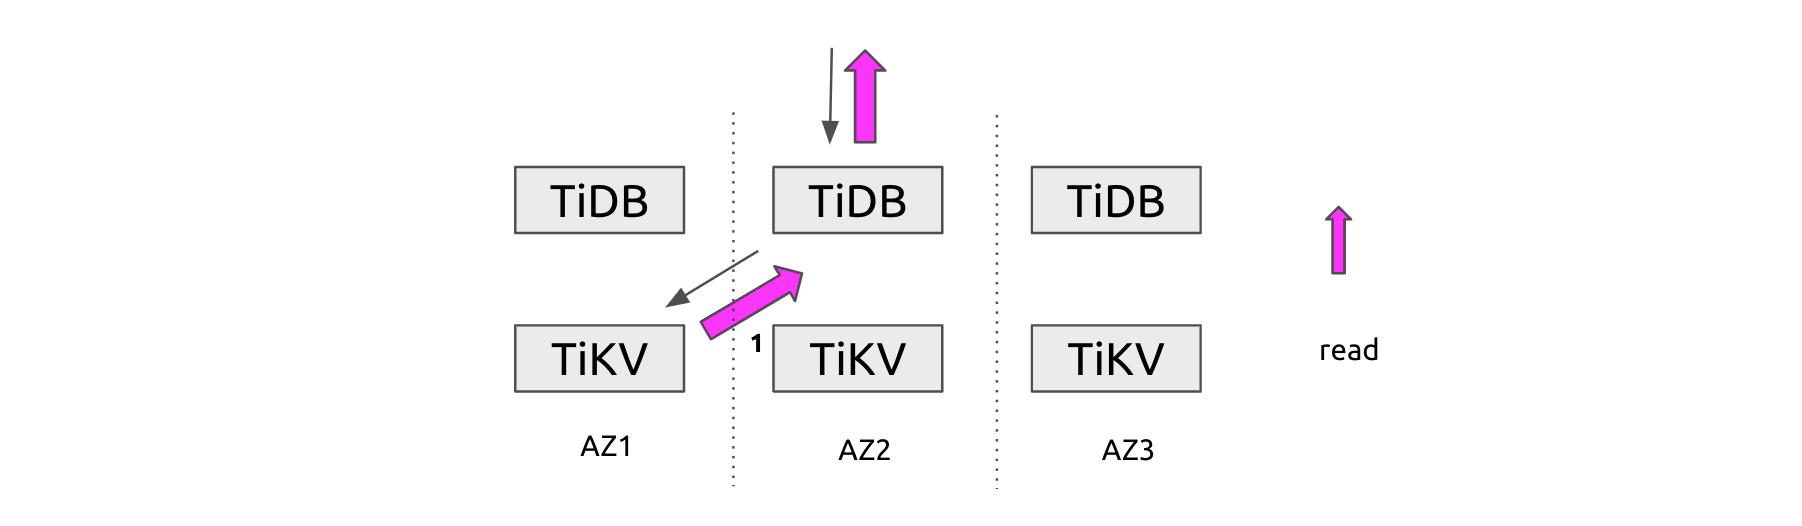 A cross-AZ read operation